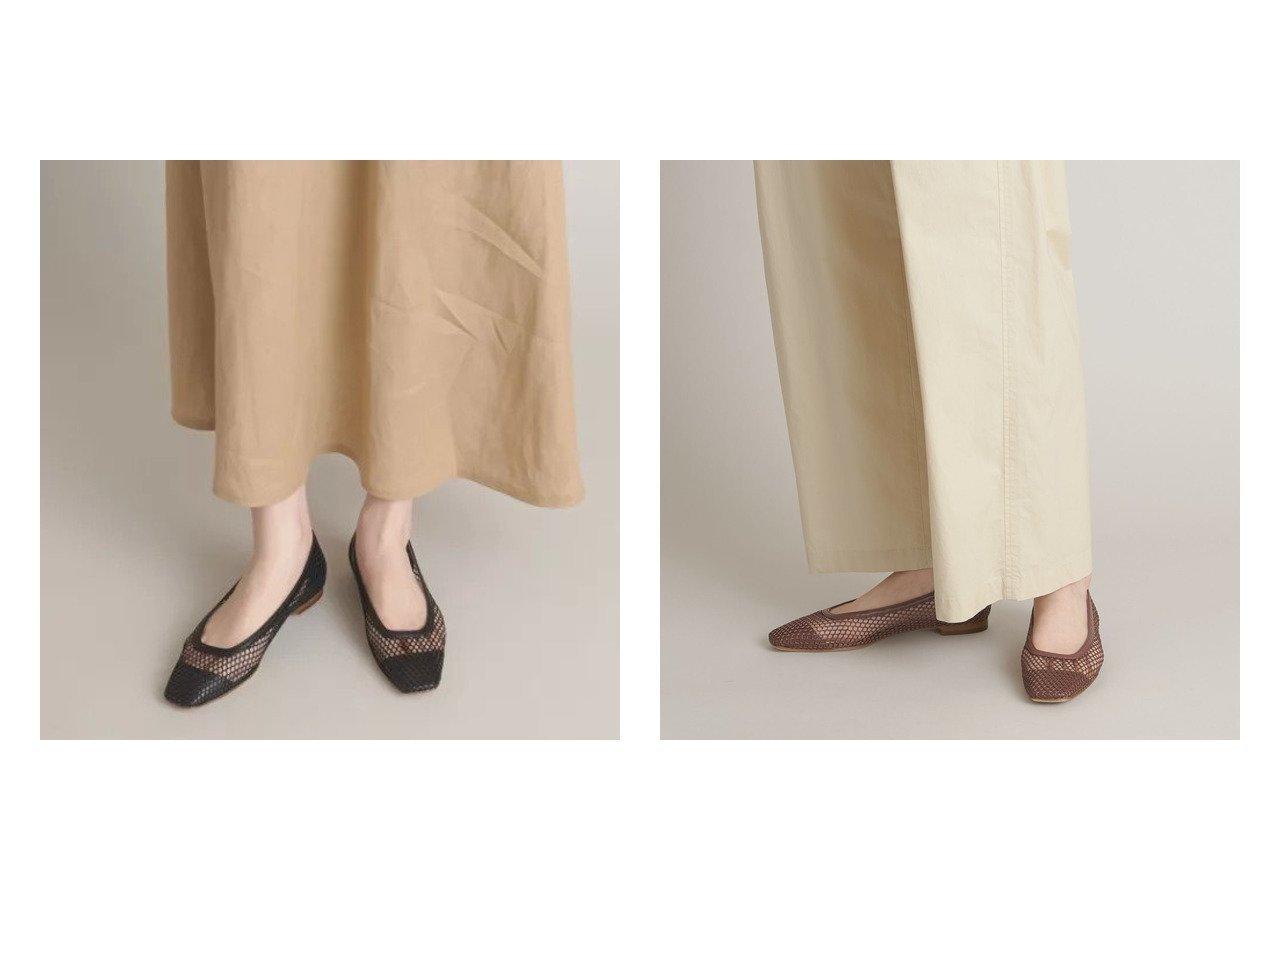 【Odette e Odile/オデット エ オディール】のオデット エ オディール ODETTE E ODILE OFD ナイロンメッシュ FLT10&OFD ナイロンメッシュ FLT10 【シューズ・靴】おすすめ!人気、トレンド・レディースファッションの通販 おすすめで人気の流行・トレンド、ファッションの通販商品 インテリア・家具・メンズファッション・キッズファッション・レディースファッション・服の通販 founy(ファニー) https://founy.com/ ファッション Fashion レディースファッション WOMEN シューズ トレンド フラット メッシュ リラックス 2021年 2021 2021春夏・S/S SS/Spring/Summer/2021 S/S・春夏 SS・Spring/Summer 夏 Summer 春 Spring |ID:crp329100000053139